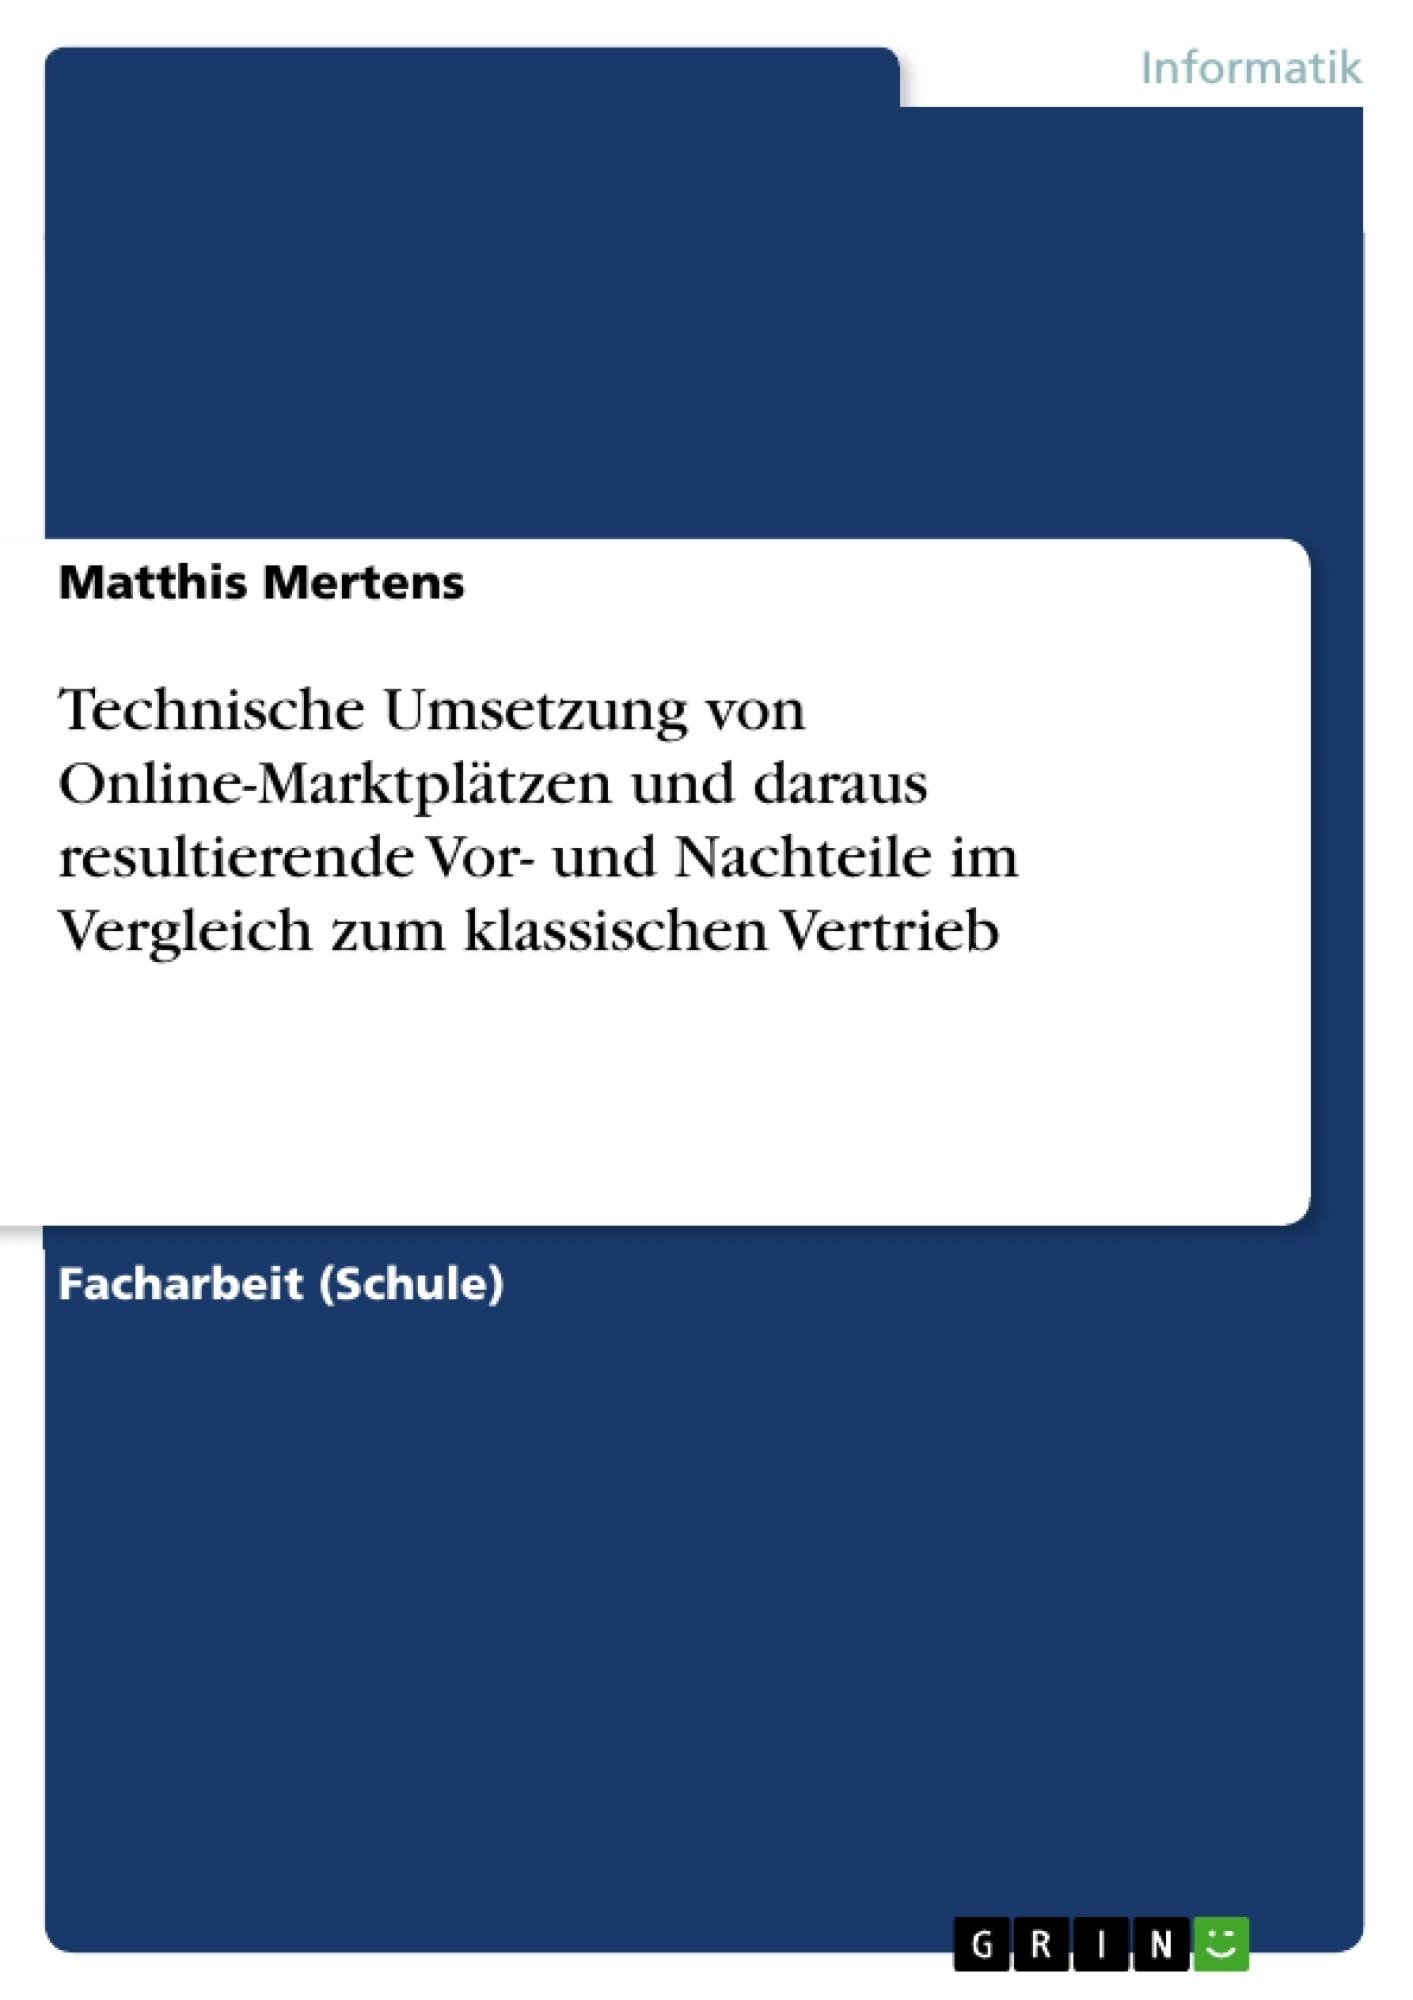 Titel: Technische Umsetzung von Online-Marktplätzen und daraus resultierende Vor- und Nachteile im Vergleich zum klassischen Vertrieb